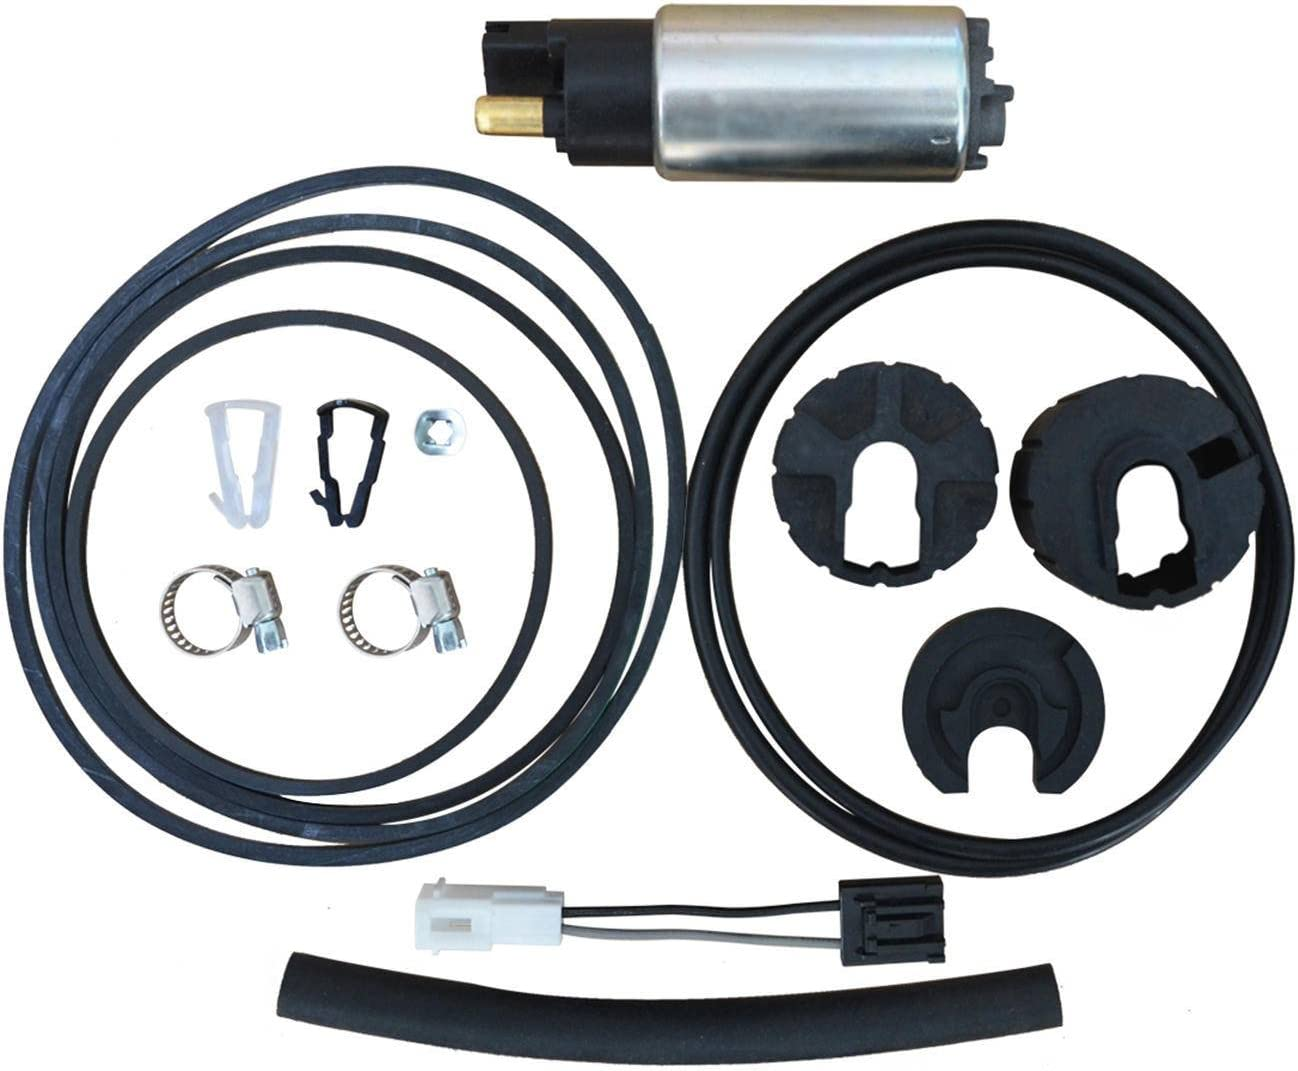 Electric Fuel Gas Pump w Accessories for Ford Lincoln Mazda Mercury E2471